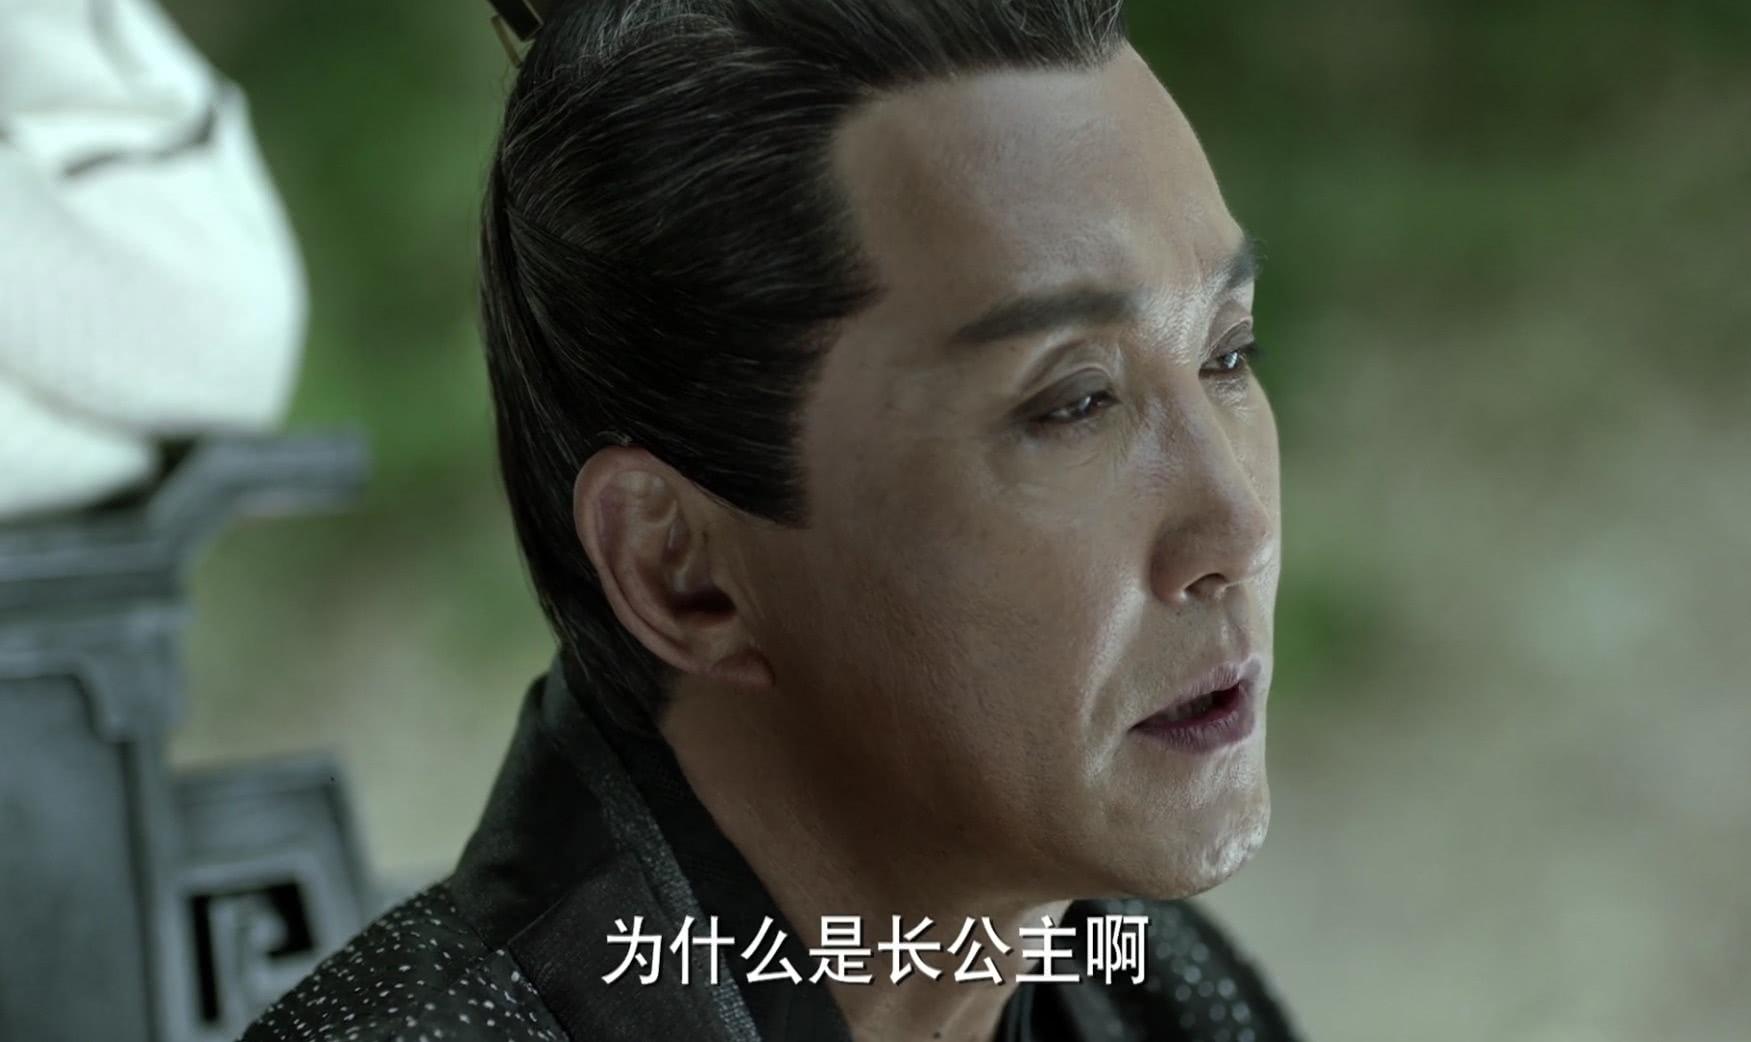 《庆余年》内鬼朱格暴露,被逼自杀,他真的爱国,可惜跟错了人